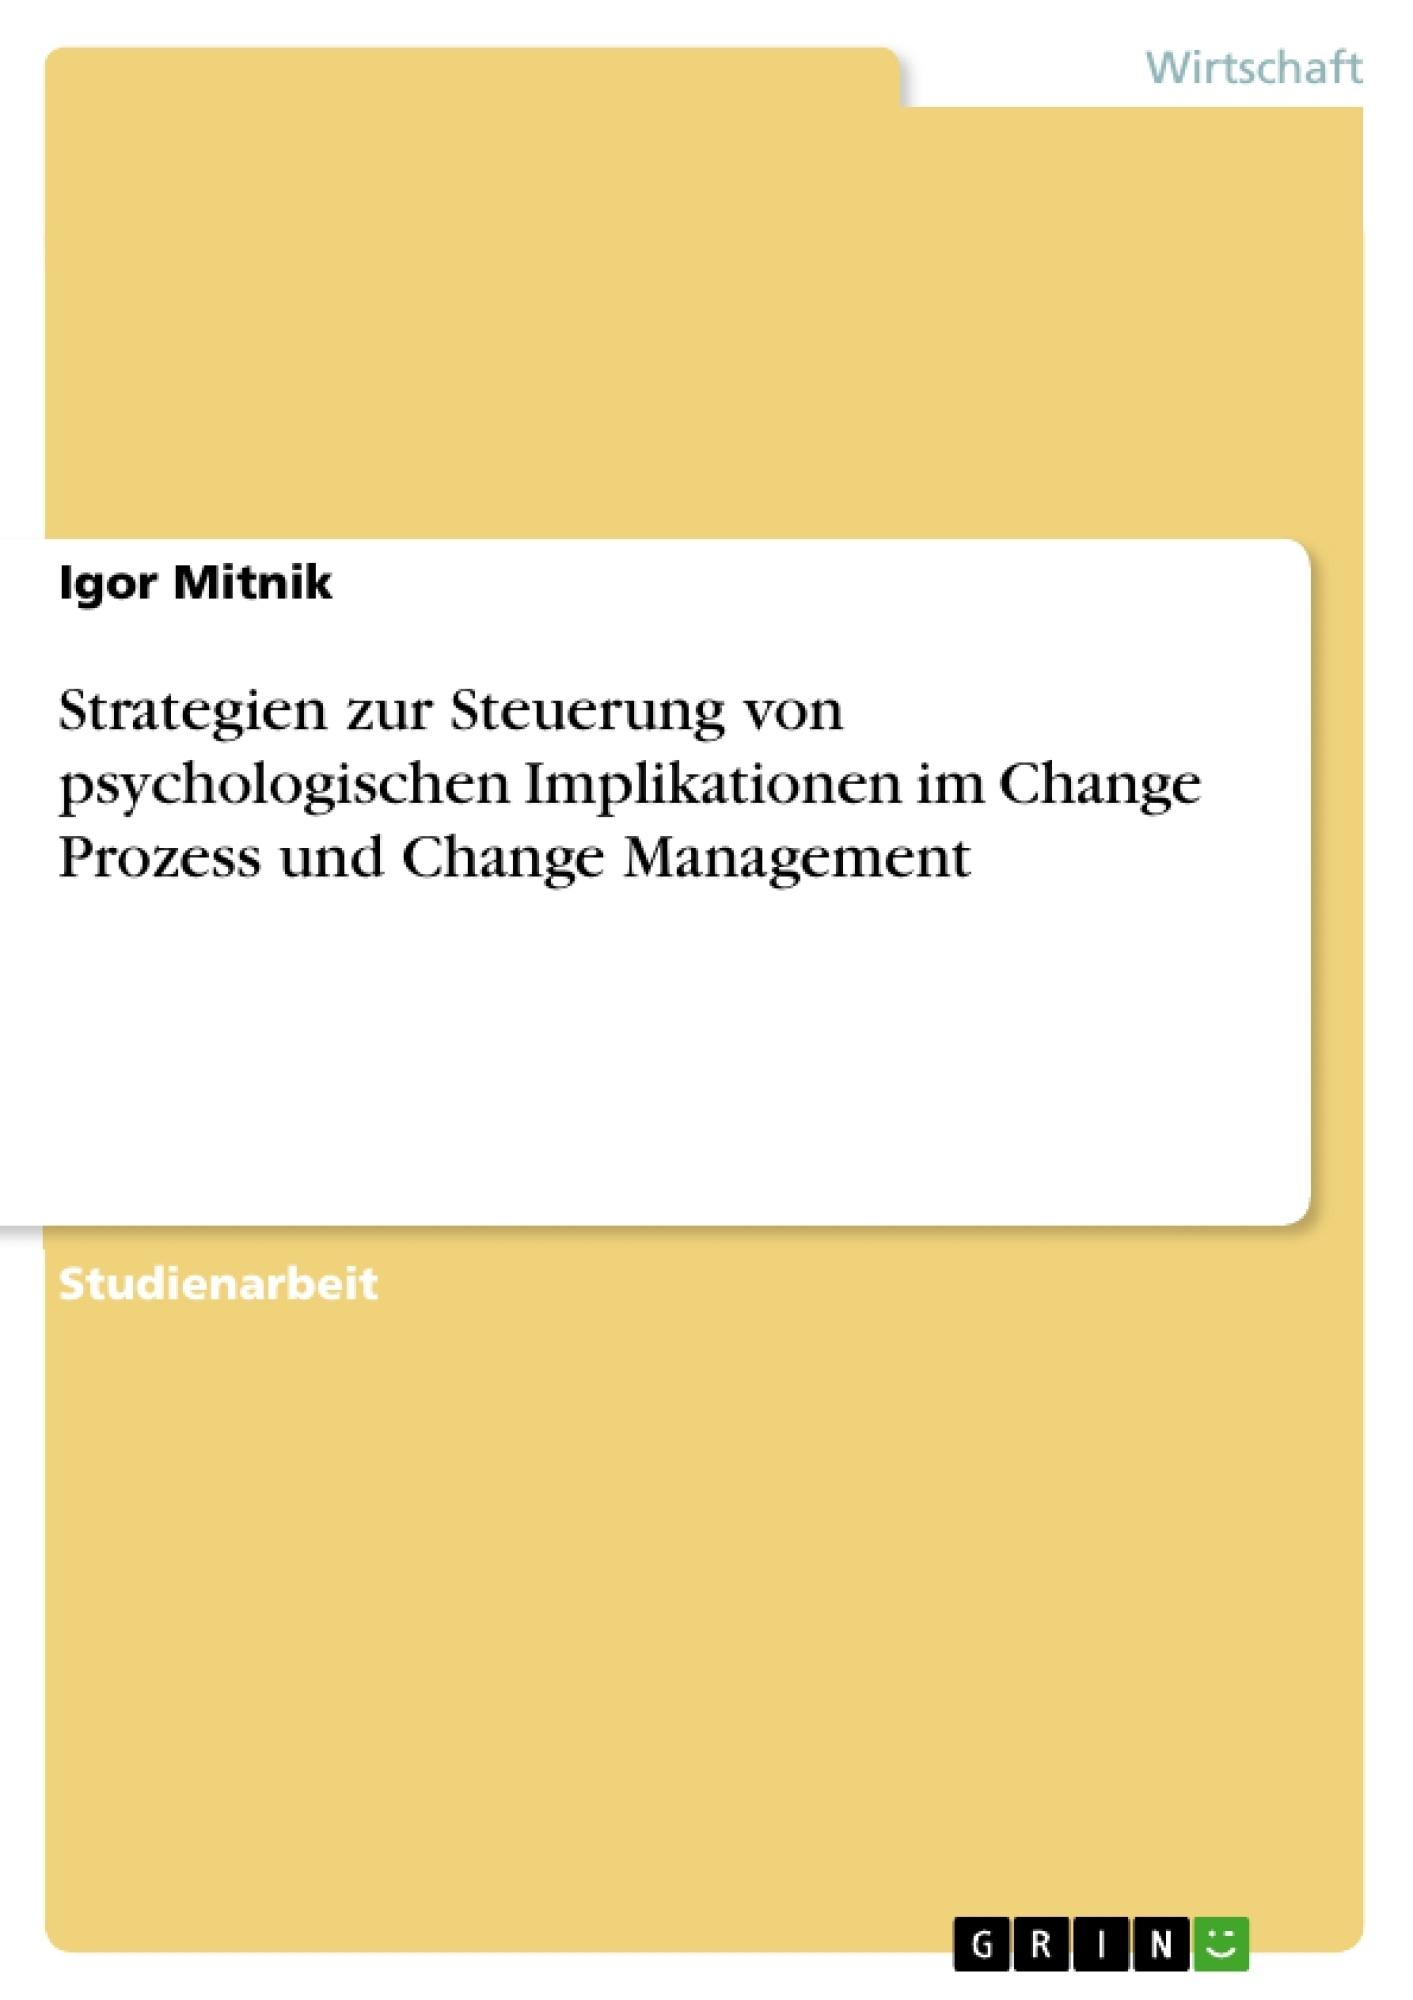 Titel: Strategien zur Steuerung von psychologischen Implikationen im Change Prozess und Change Management